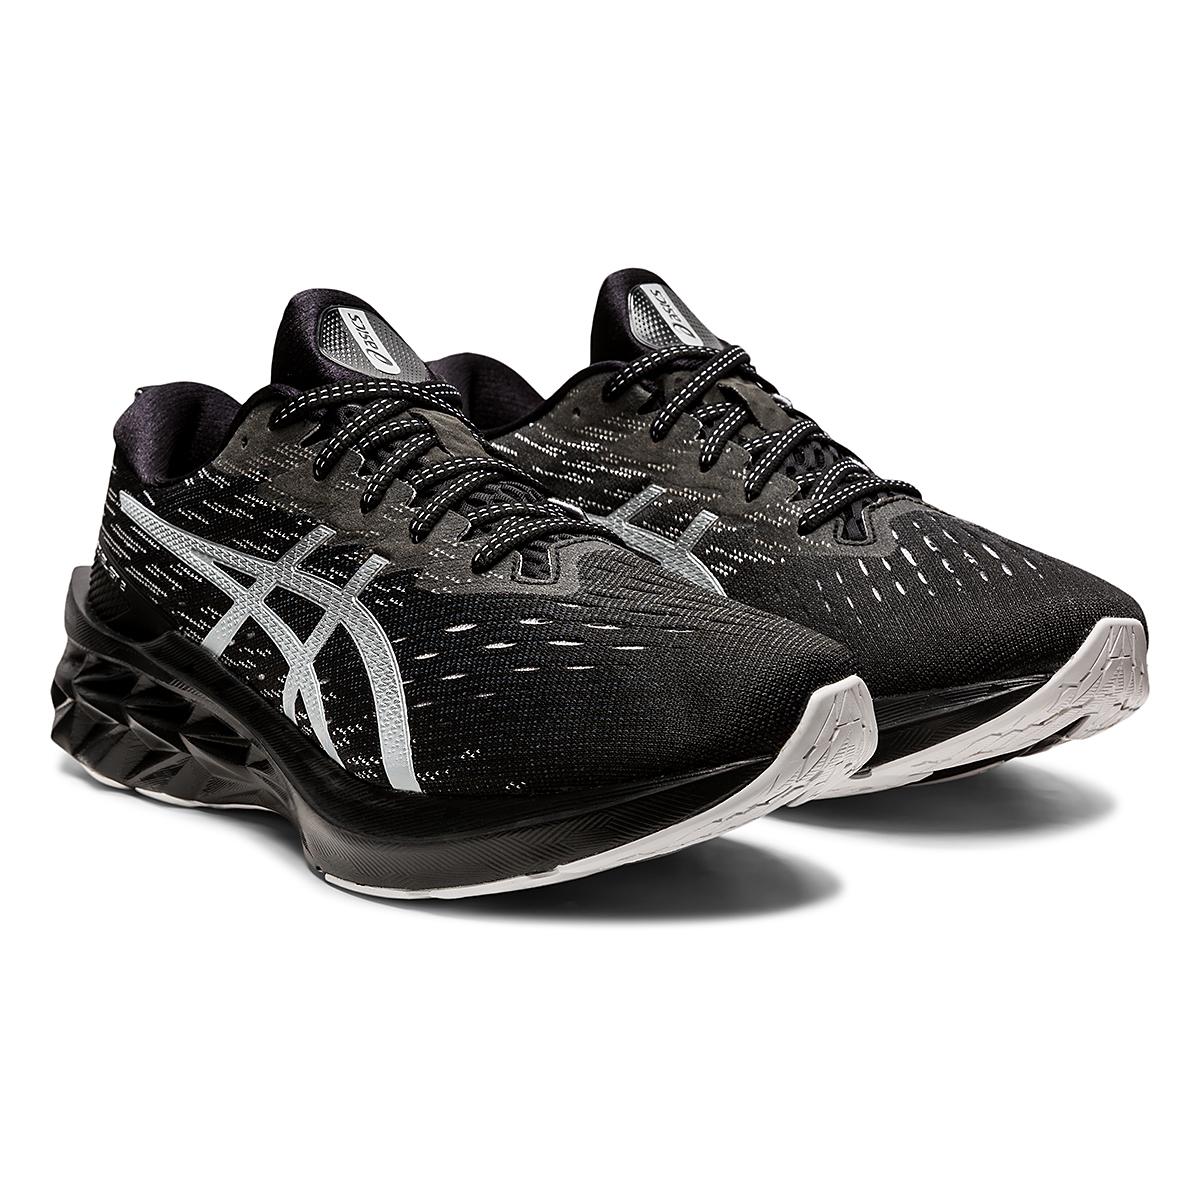 Men's Asics Novablast 2 Running Shoe - Color: Black/Pure Silver - Size: 6 - Width: Regular, Black/Pure Silver, large, image 3